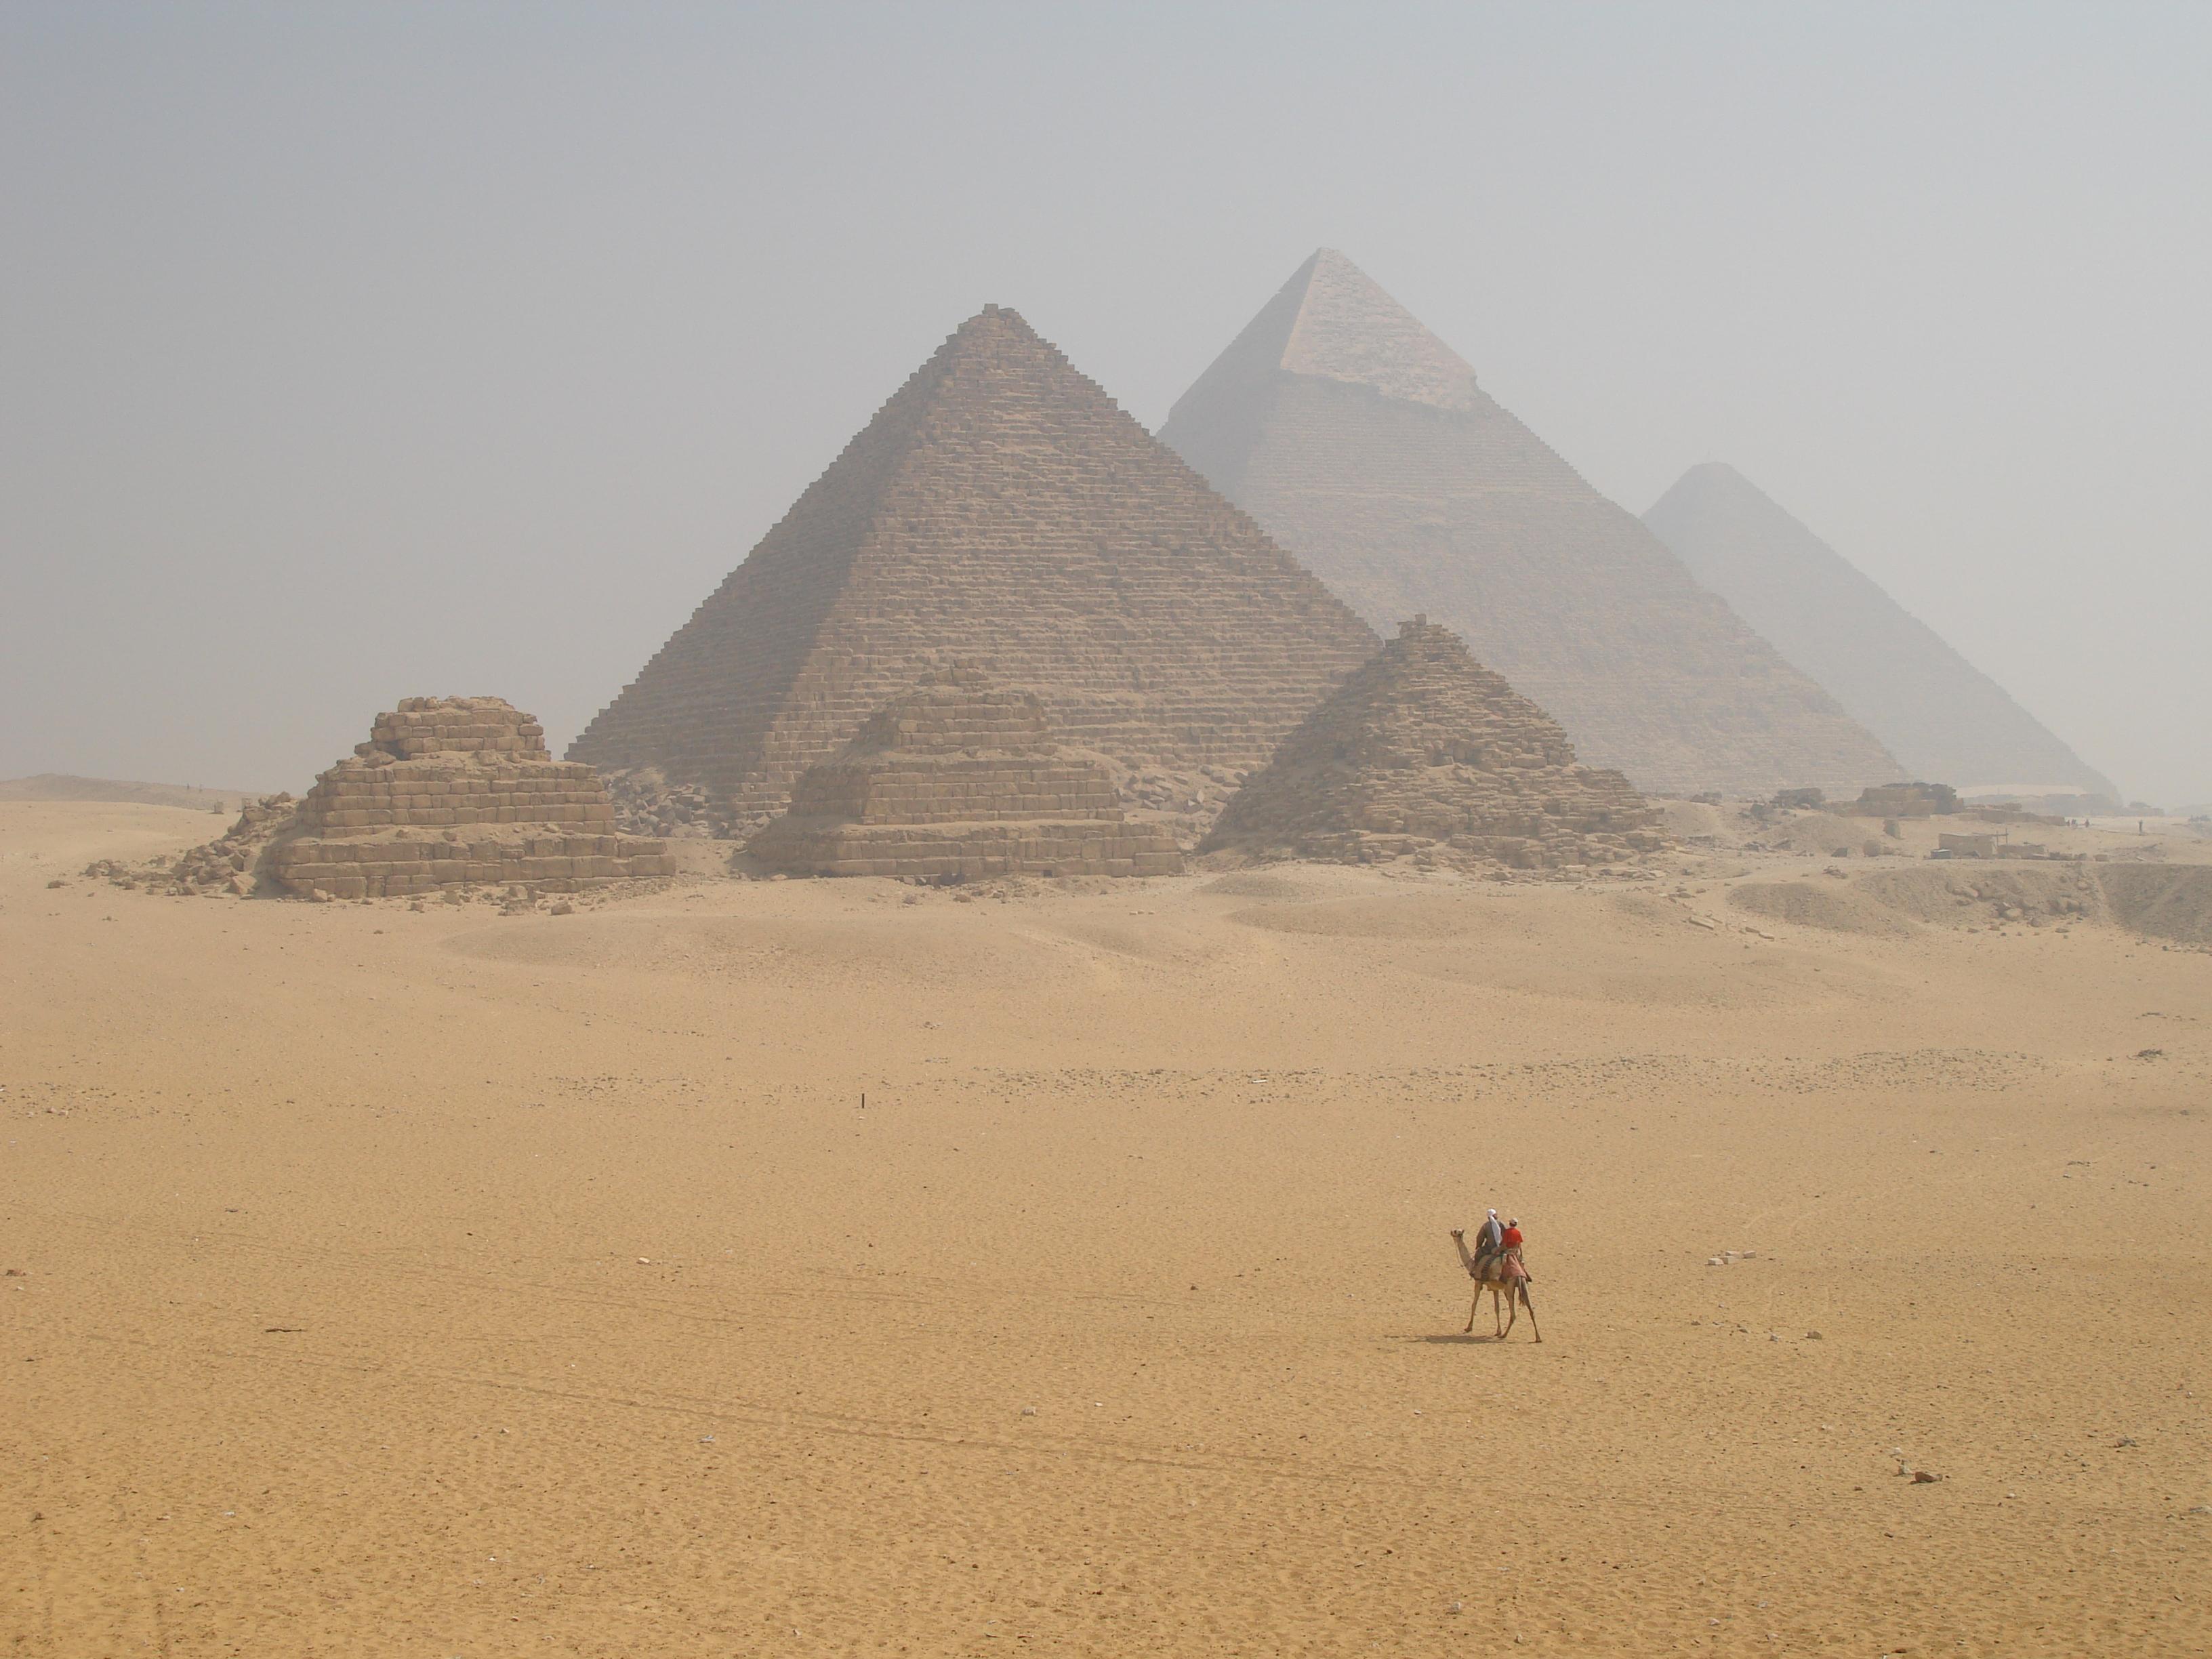 Representan las 3 pirámides de Giza las 3 estrellas de Sirio?